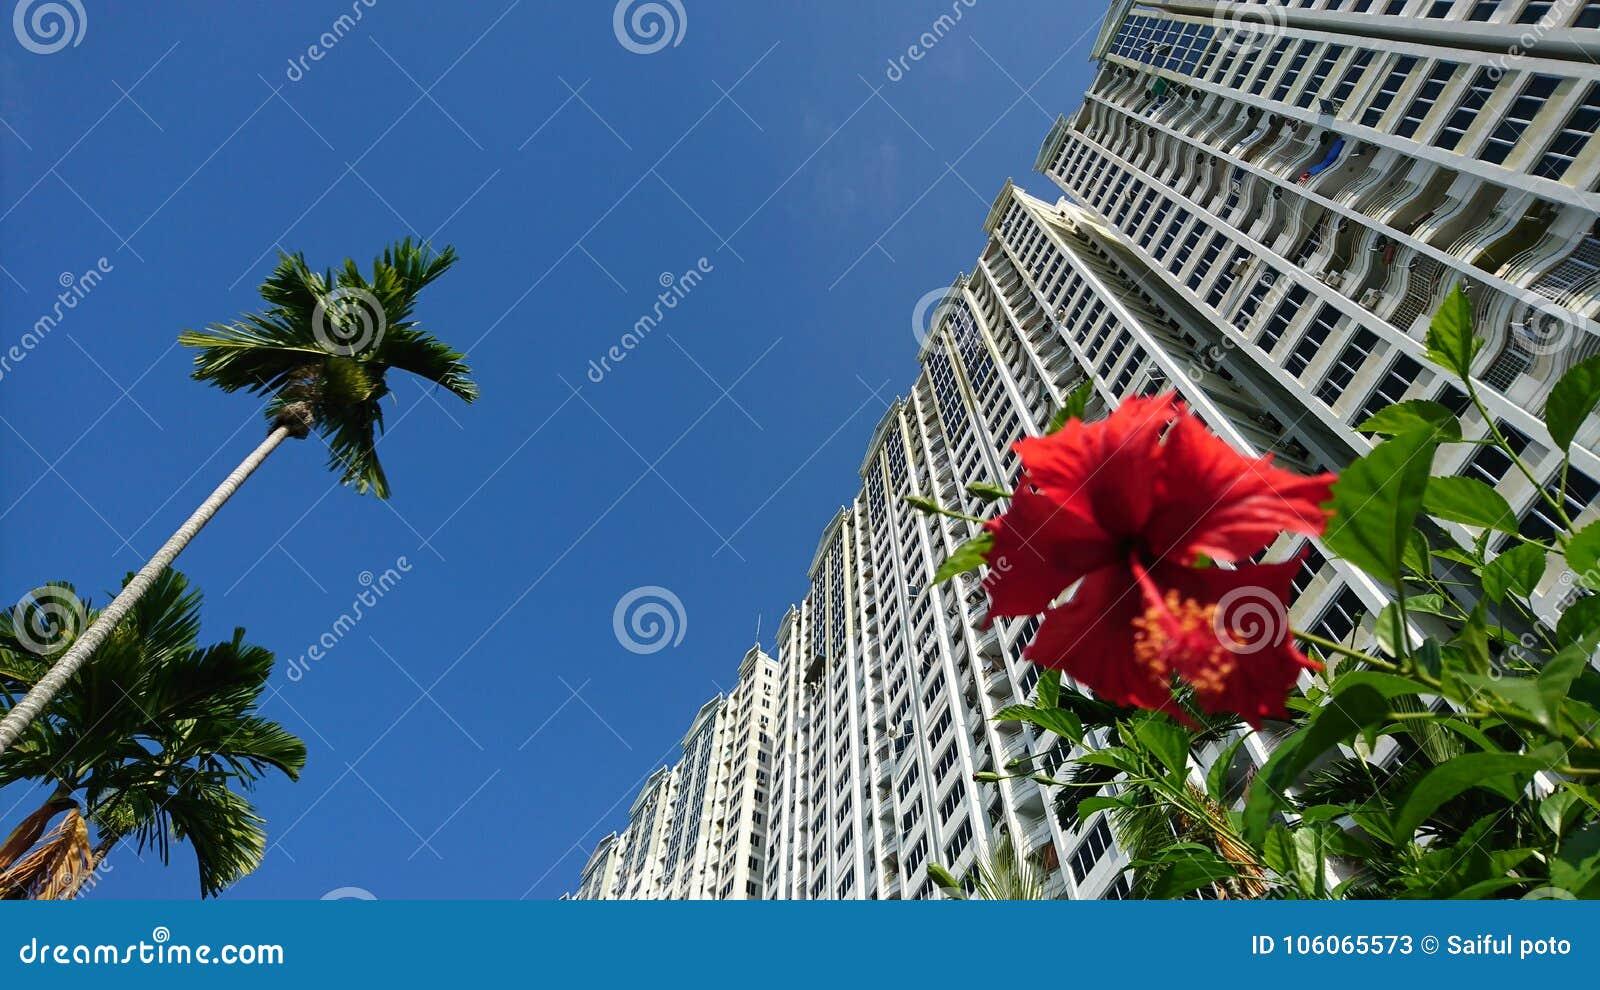 La nature est un concept urbain de nécessité, des fleurs, un arbre et un viee gentil